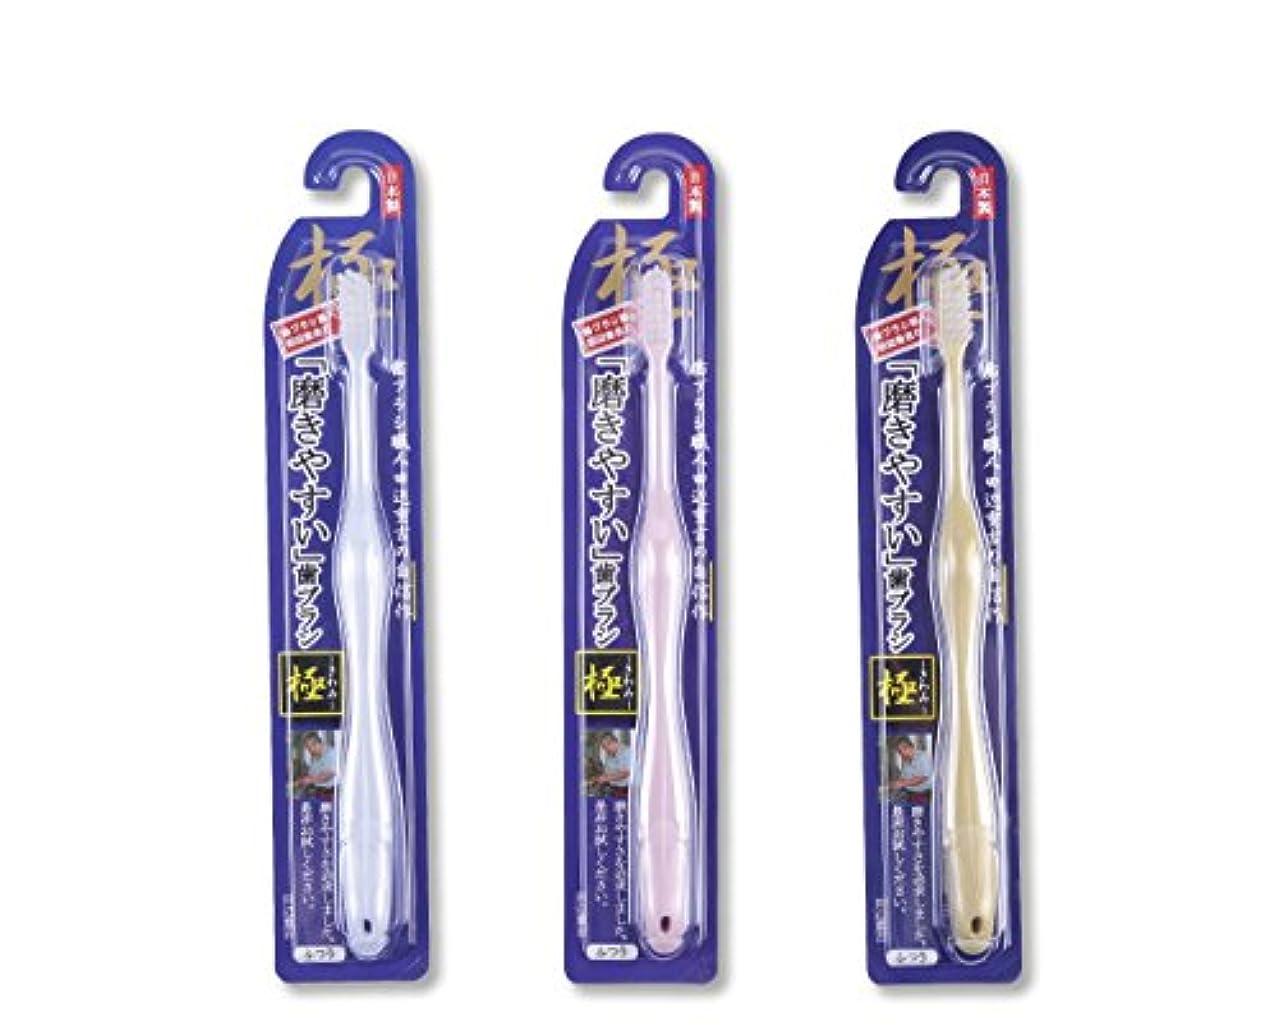 キャリア孤児出します歯ブラシ職人Artooth ® 田辺重吉の磨きやすい歯ブラシ 極 LT-09 (3本入)